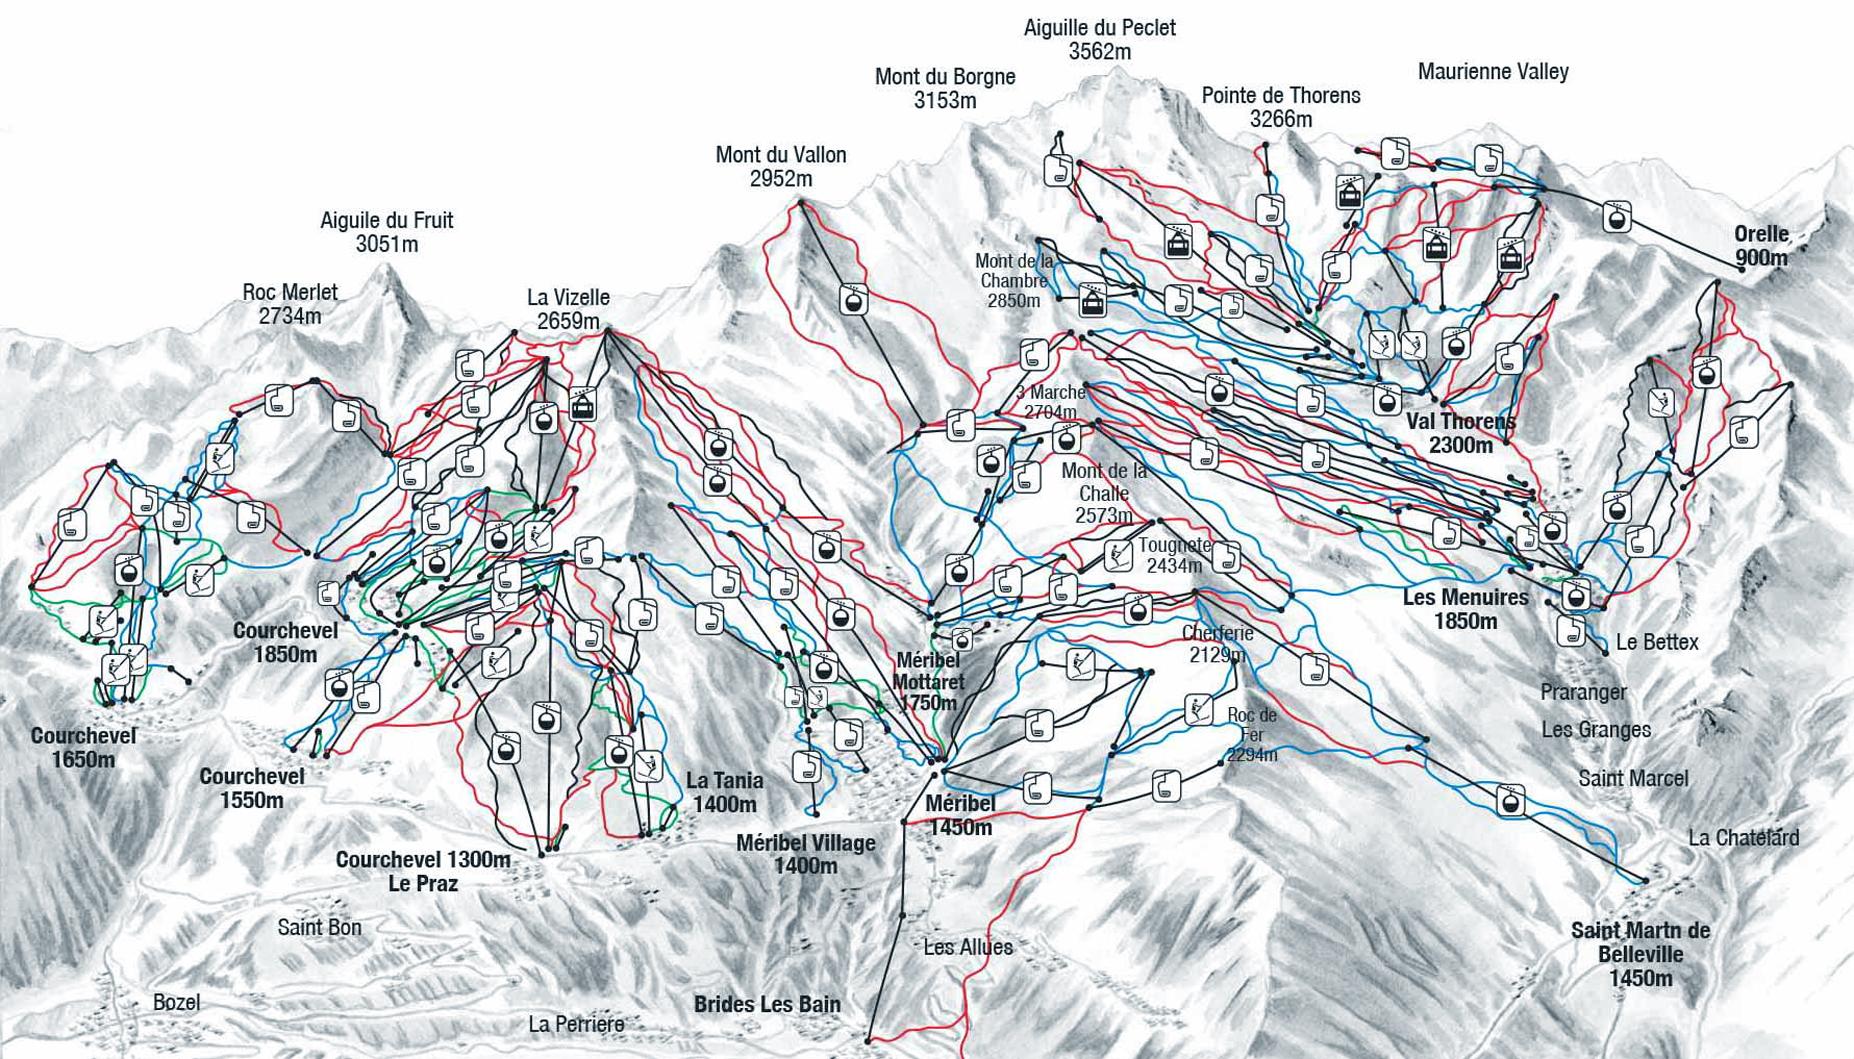 Courchevel Схема трасс, маршрутов